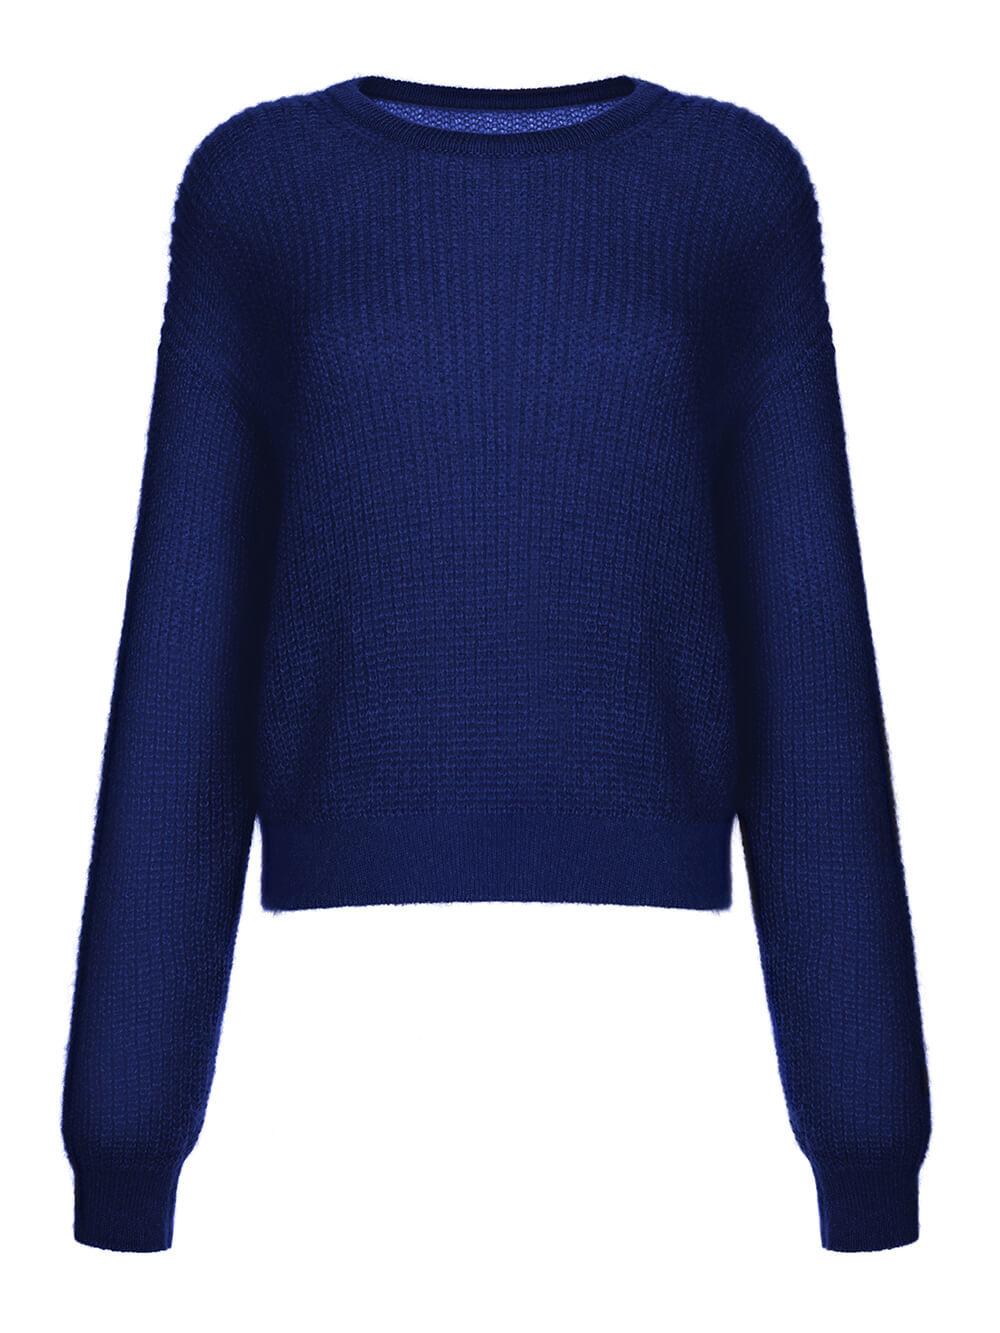 Женский джемпер темно-синего цвета из мохера и шерсти - фото 1